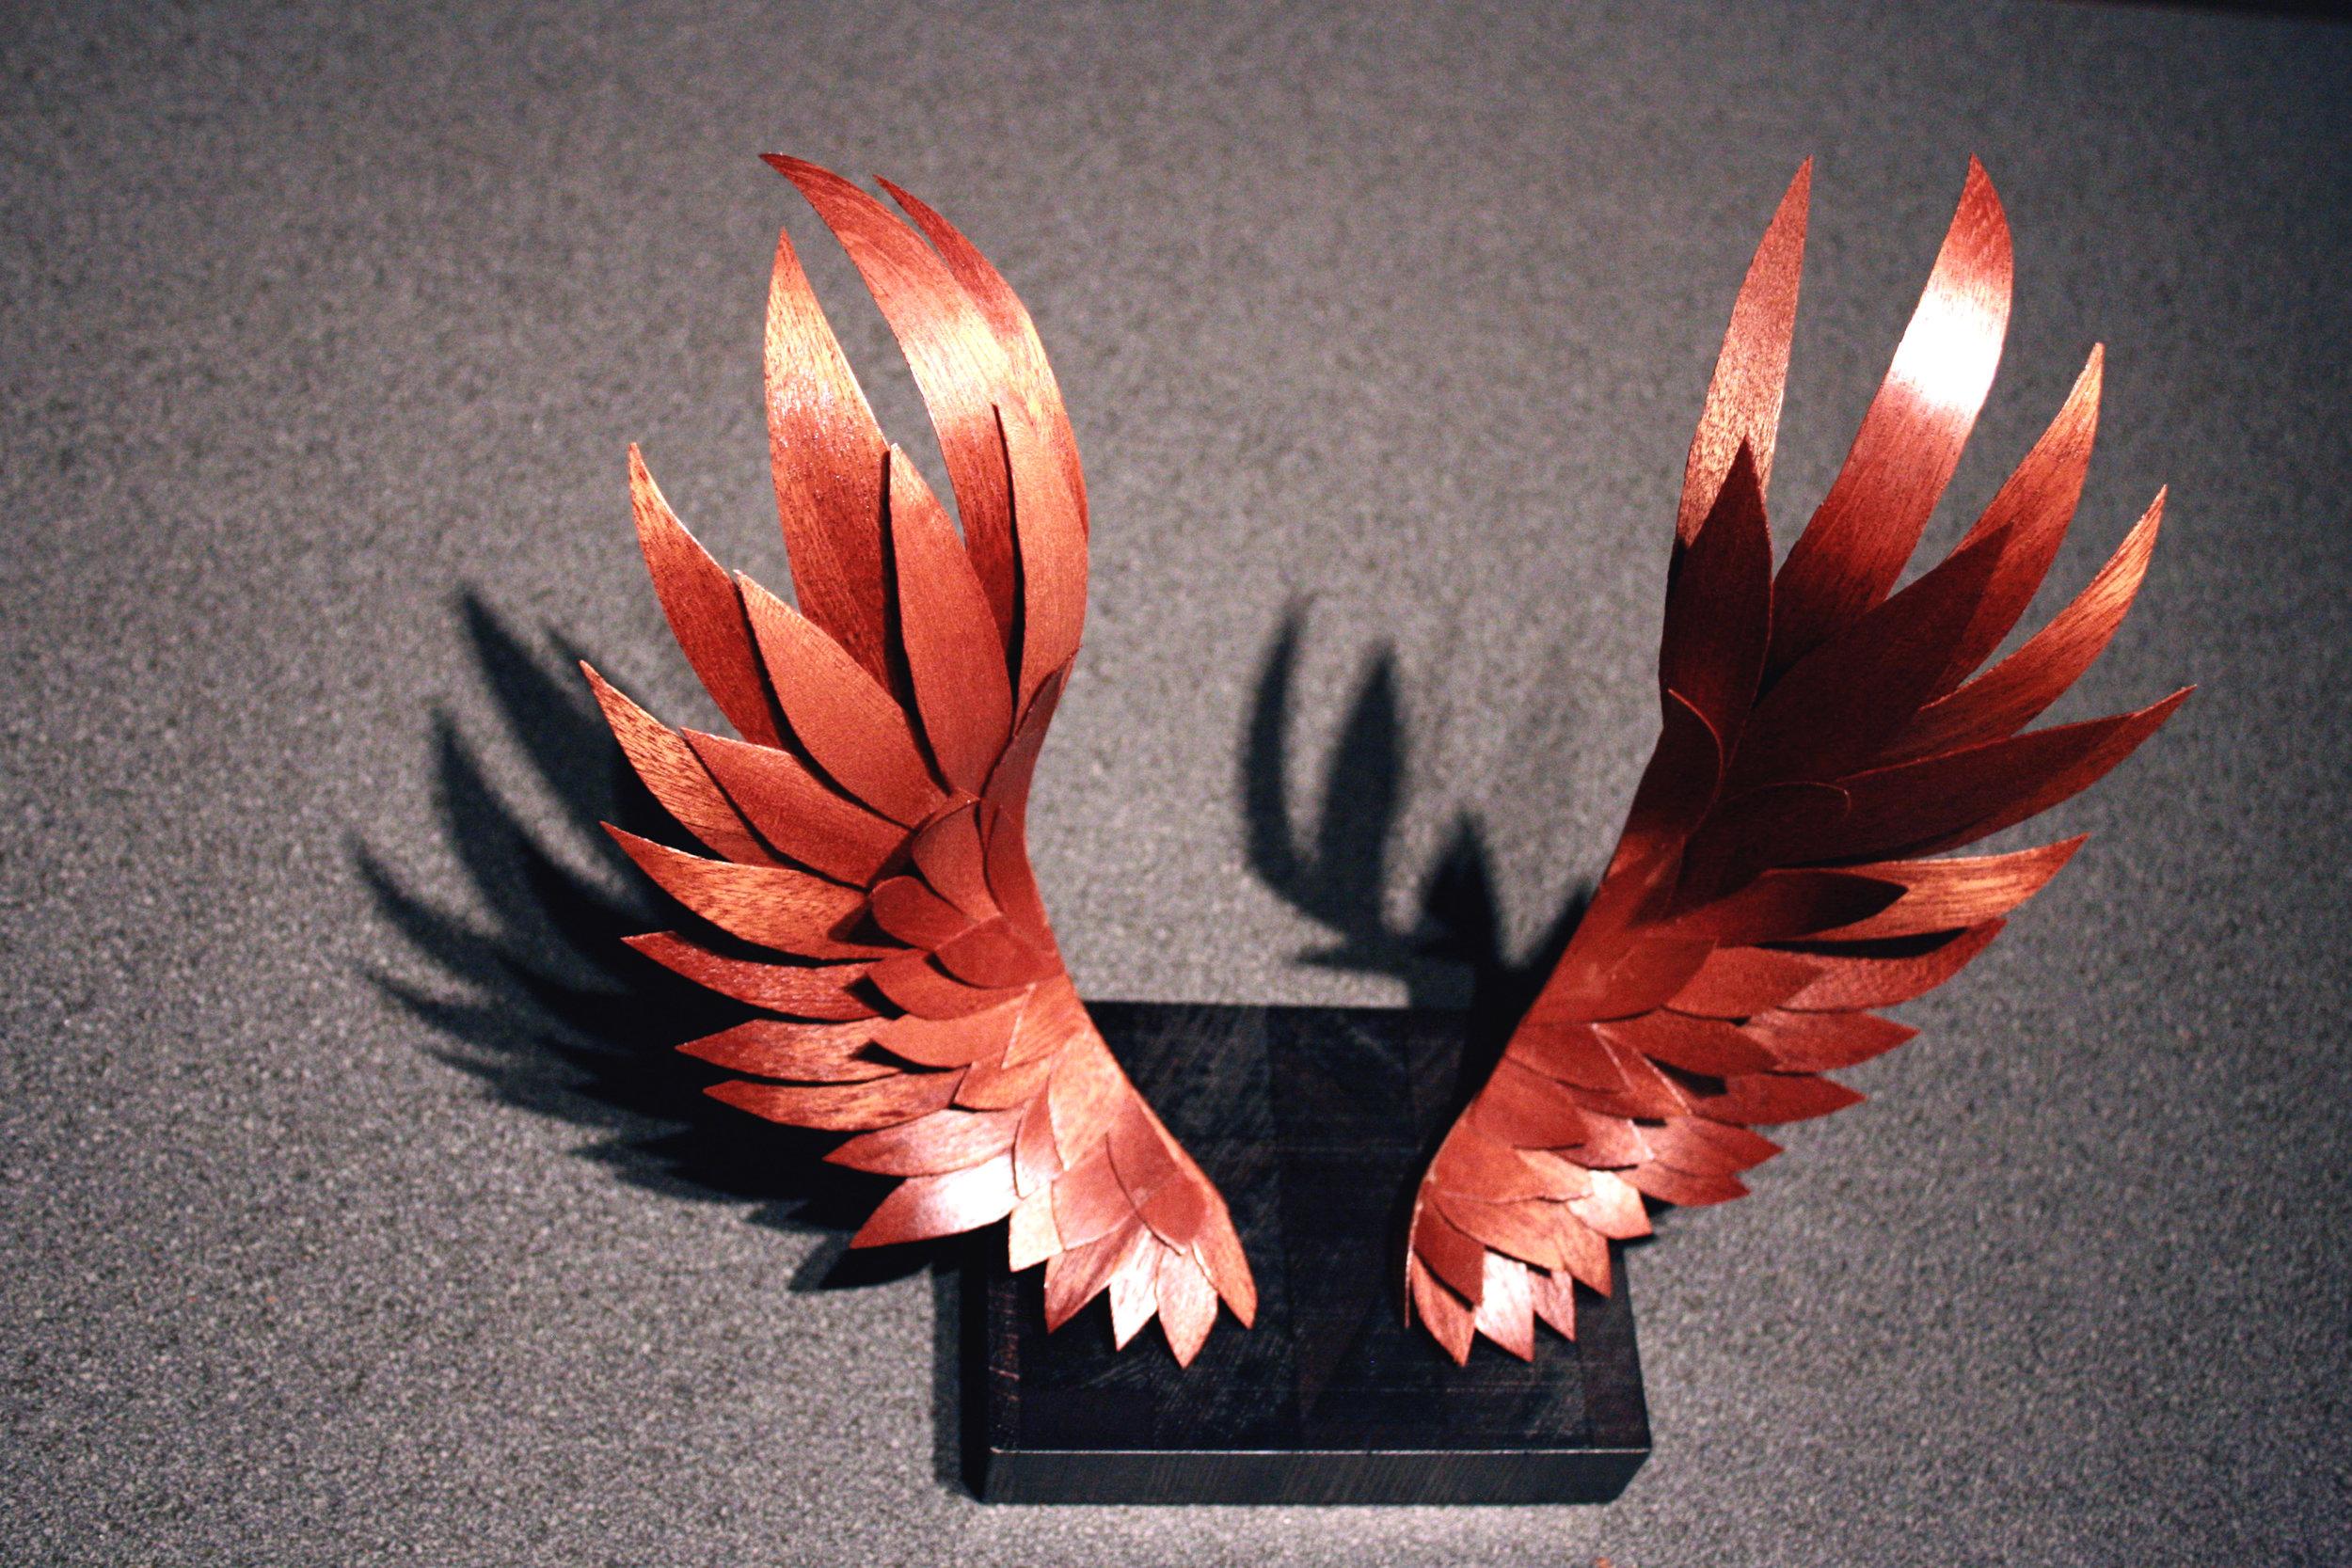 VÆRA    Náttúrulegir, lakkaðir  Fáanlegir í Hnotu, mahóní og Fuglsauga (Birds eye maple)  Hver vængur er um 25-28 cm langur. Vængirnir standa út af platta og vísa upp.  Hvert par tekur um 8 klst. í vinnslu.  Vænghaf um 25-30 cm.  Koma í svörtum og náttúrulegum lit og lakkaðir.  29.000 kr. / 240 € / 290 USD